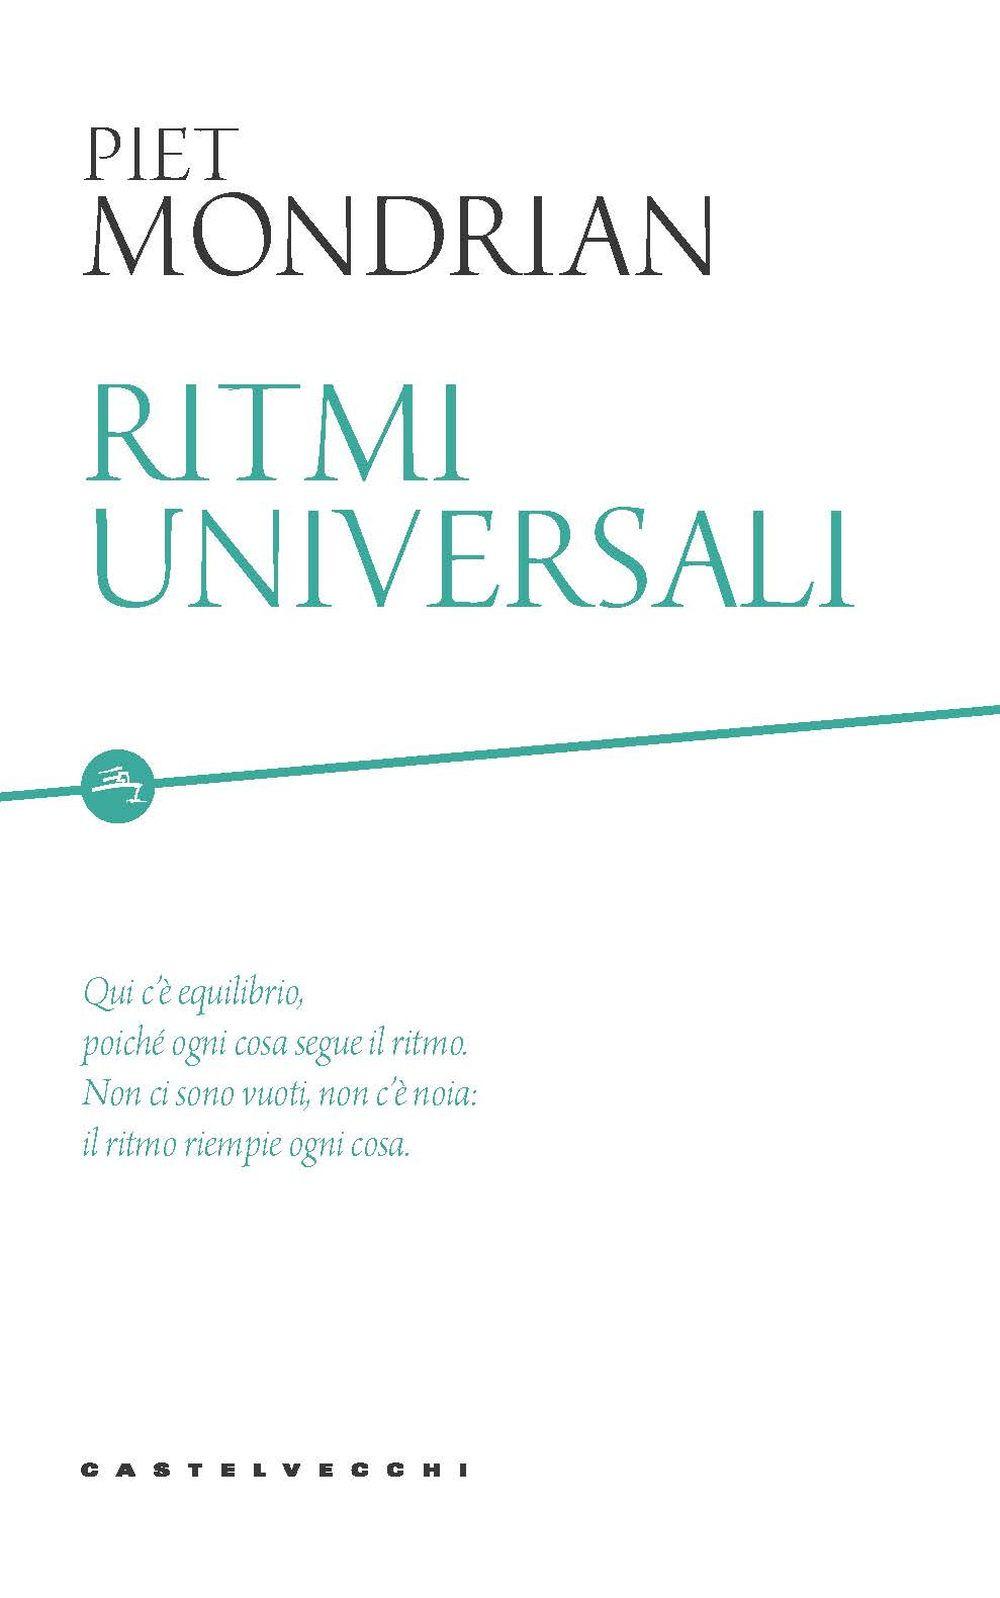 RITMI UNIVERSALI - Mondrian Piet - 9788832829501